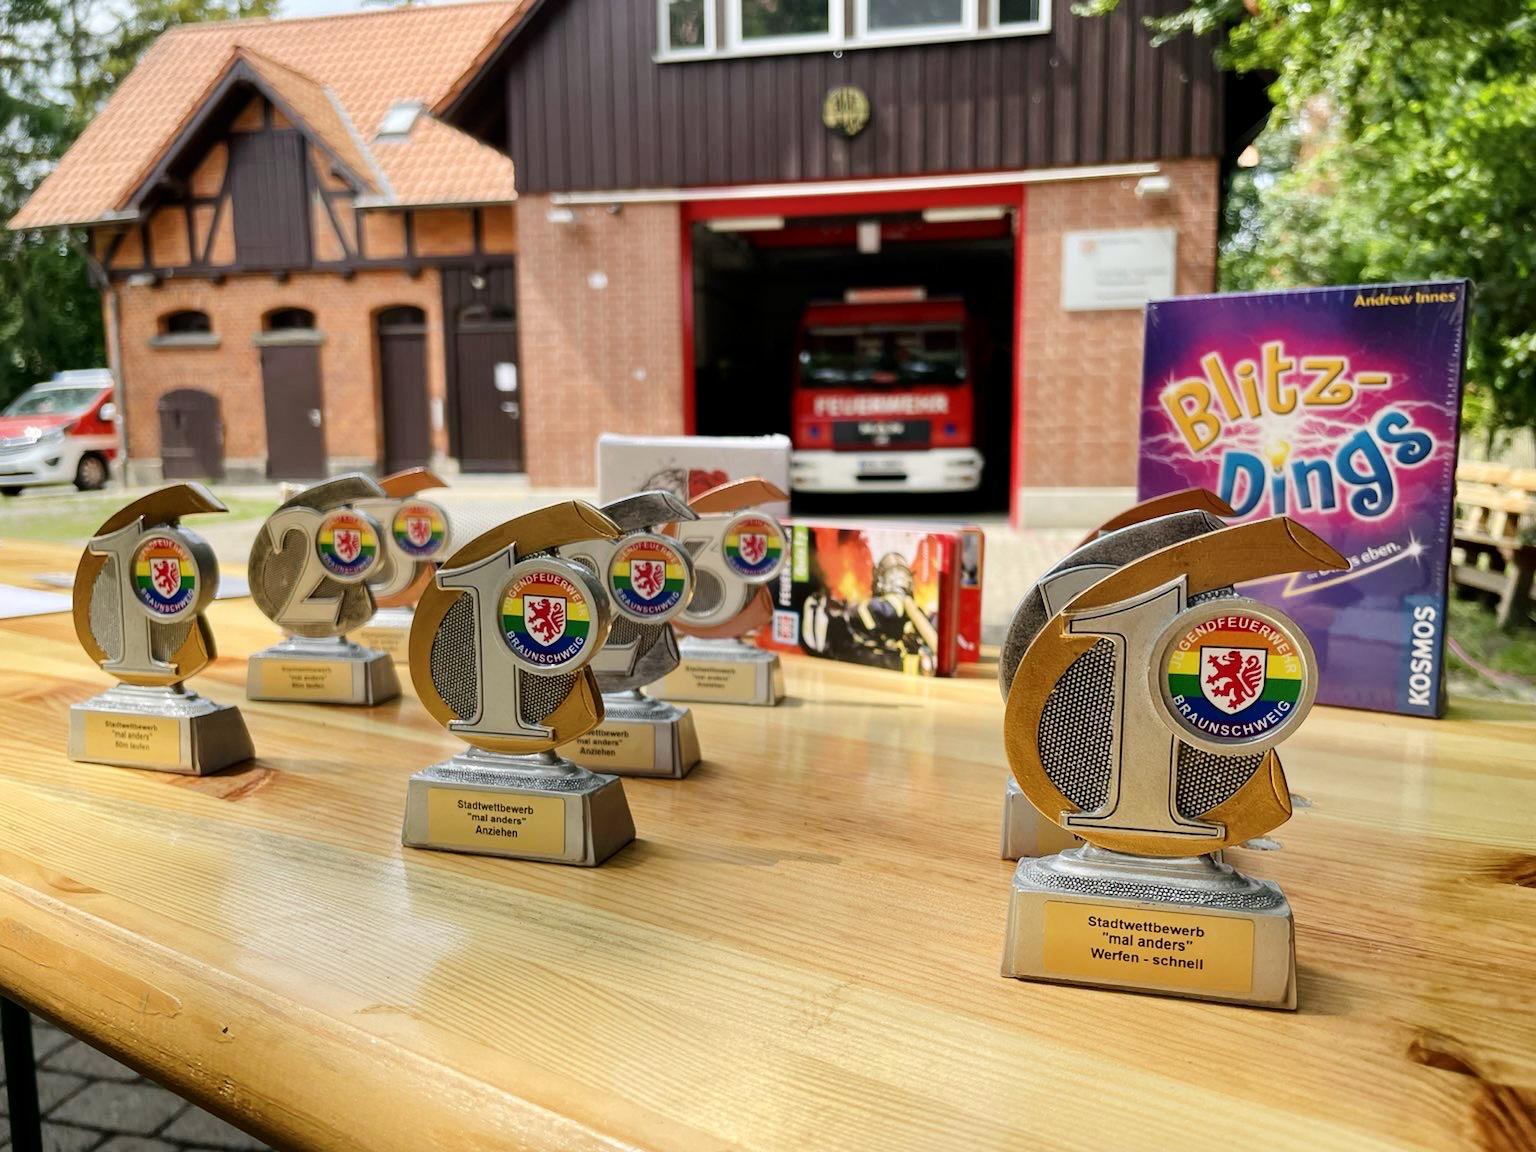 Stadtwettbewerb mal anders! – Die Jugendfeuerwehr Braunschweig ehrt die Sieger des Wettbewerbs digital